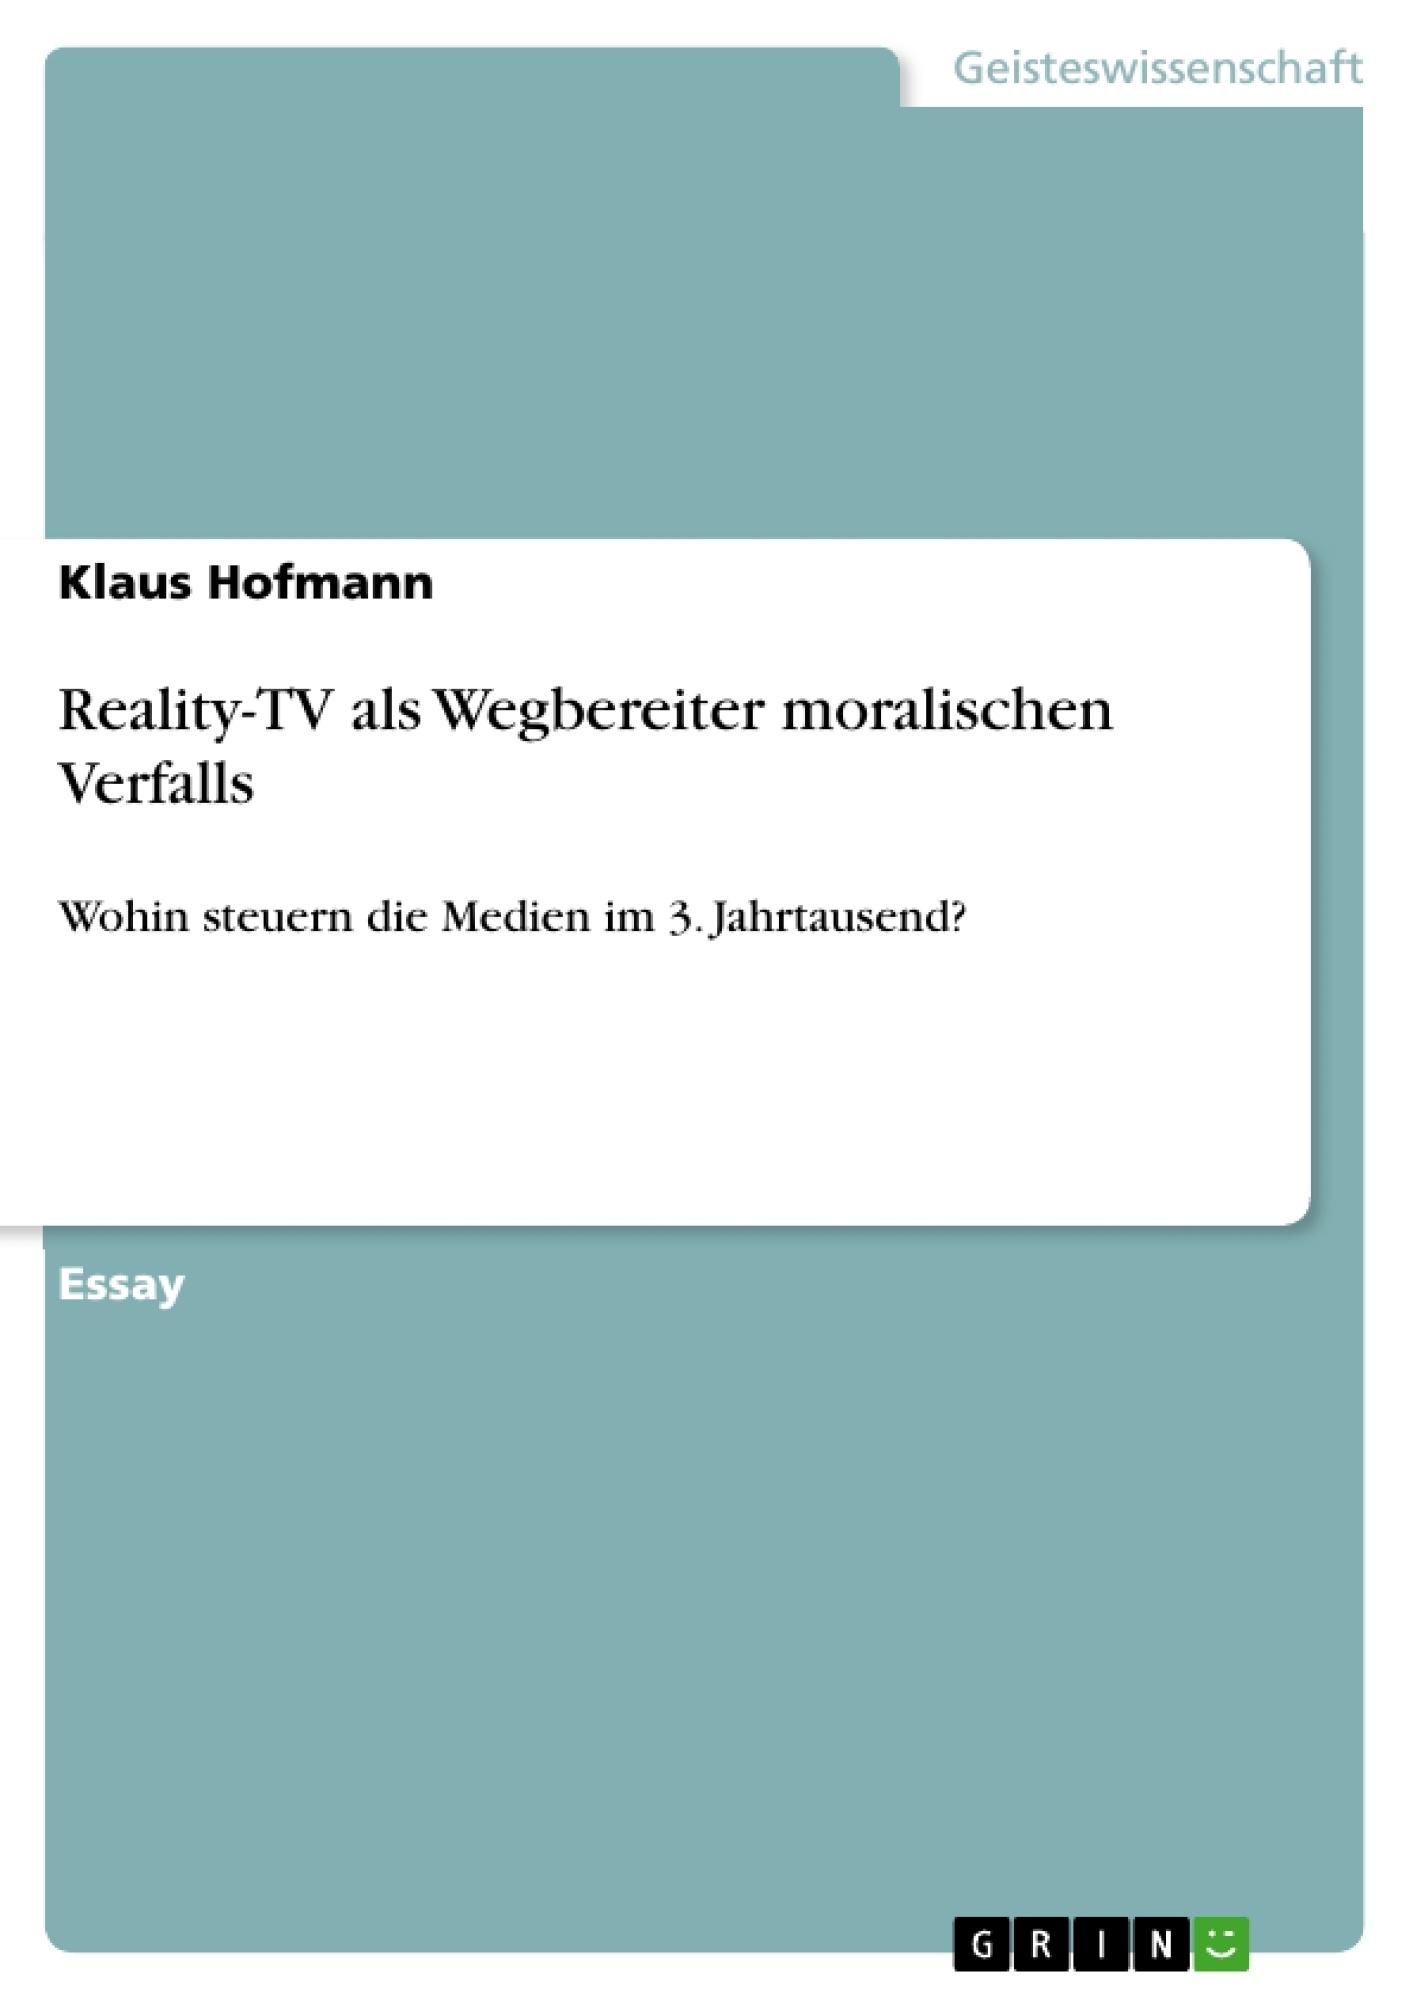 Titel: Reality-TV als Wegbereiter moralischen Verfalls